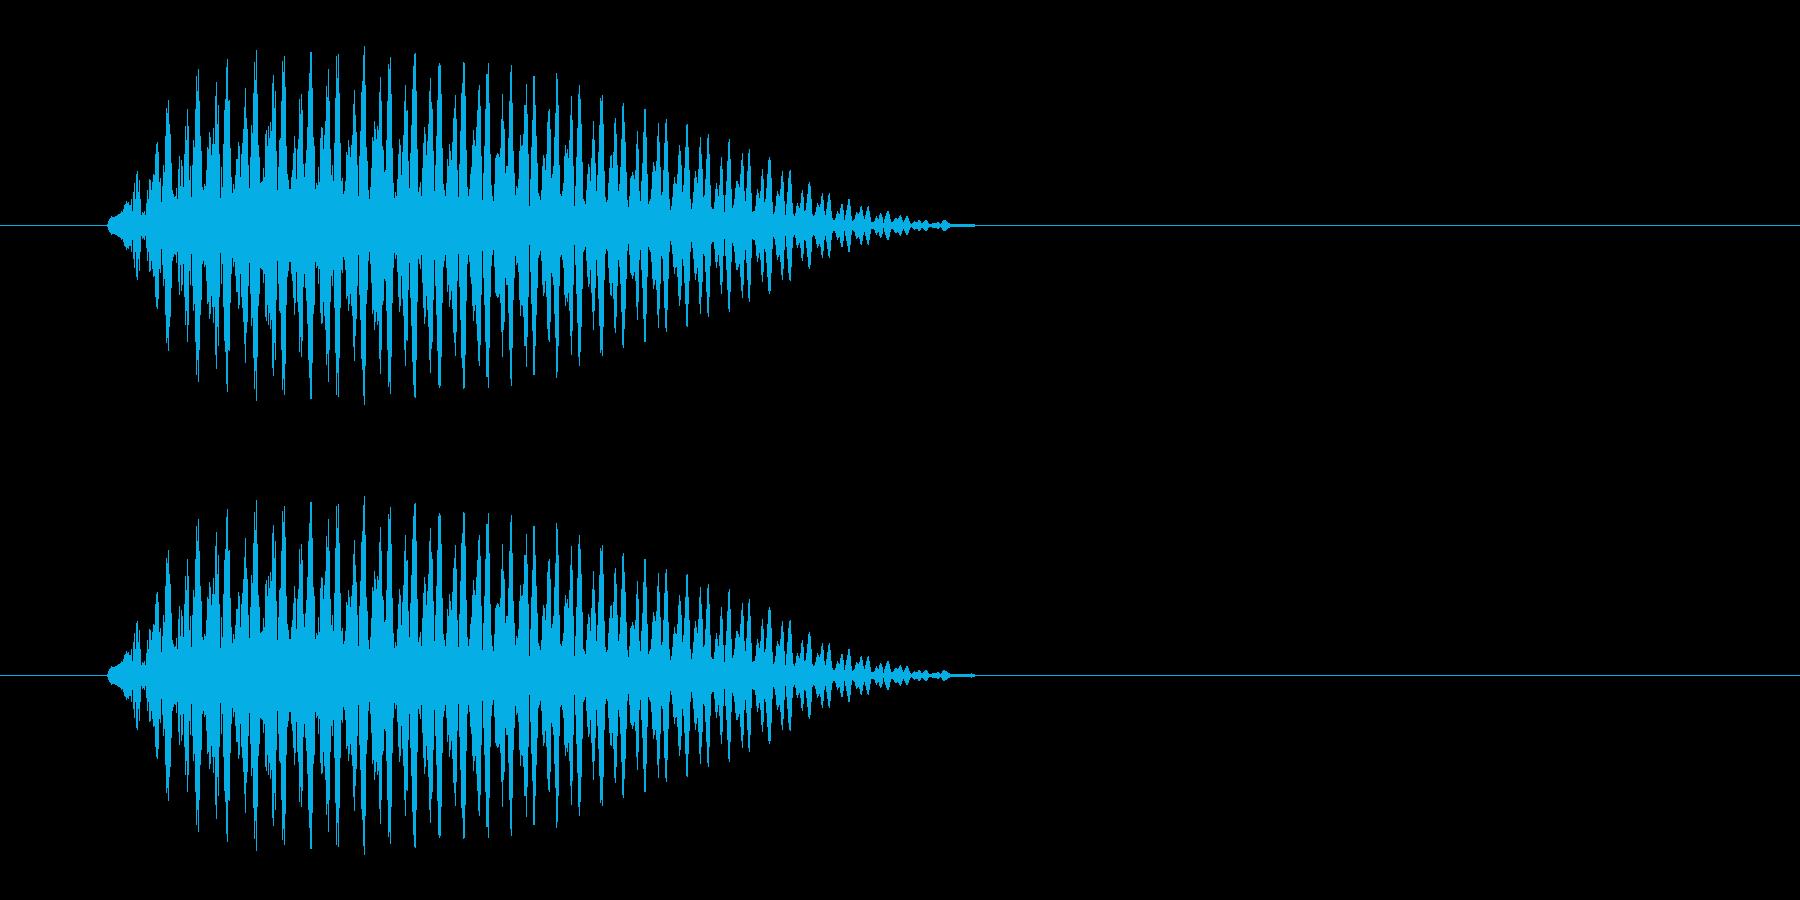 プェッ(コミカルな音)の再生済みの波形